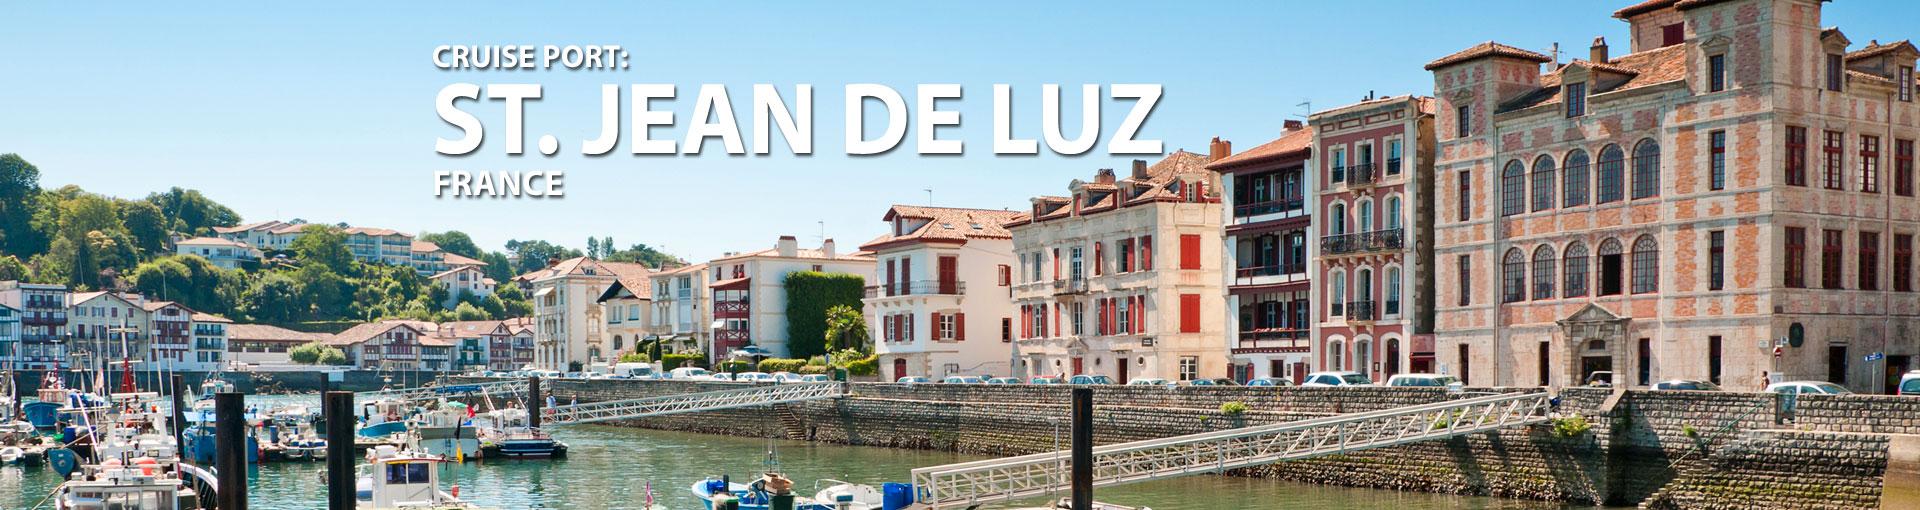 Cruises to St. Jean De Luz, France